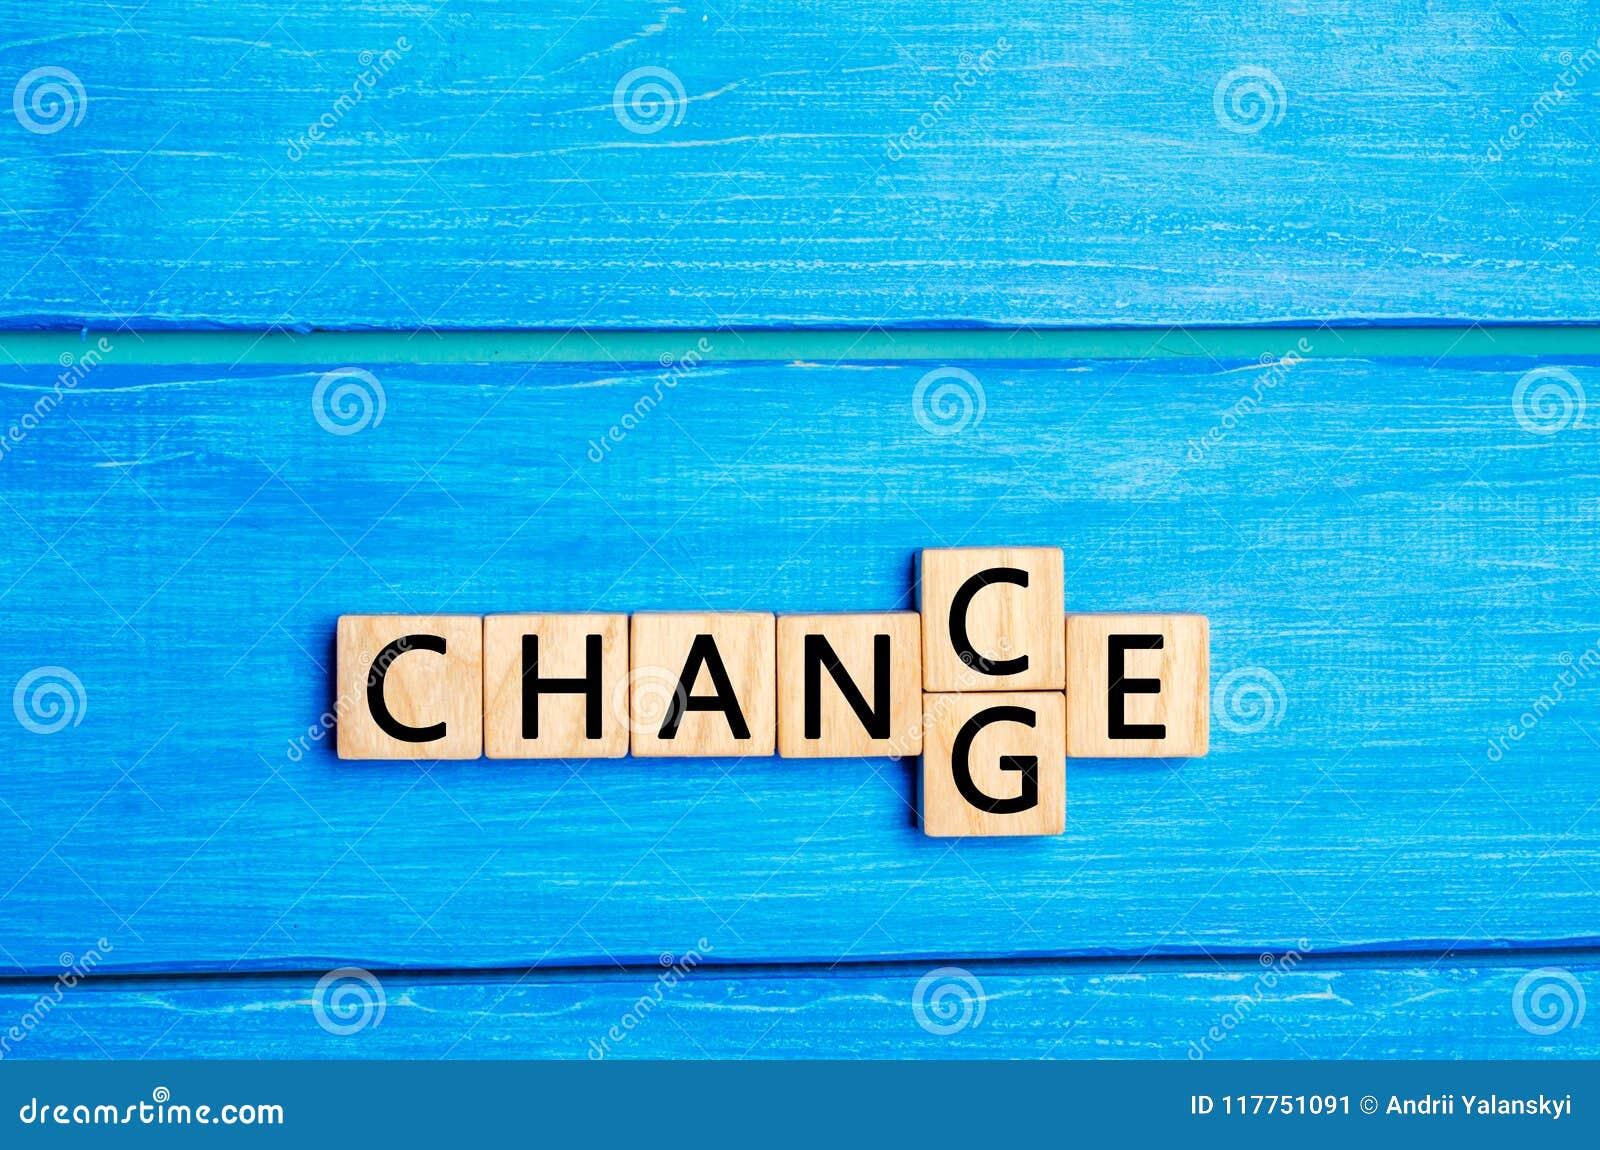 Концепция личные развитие и рост или изменение себя карьеры концепция мотивировки, достижения цели, потенциала, стимула